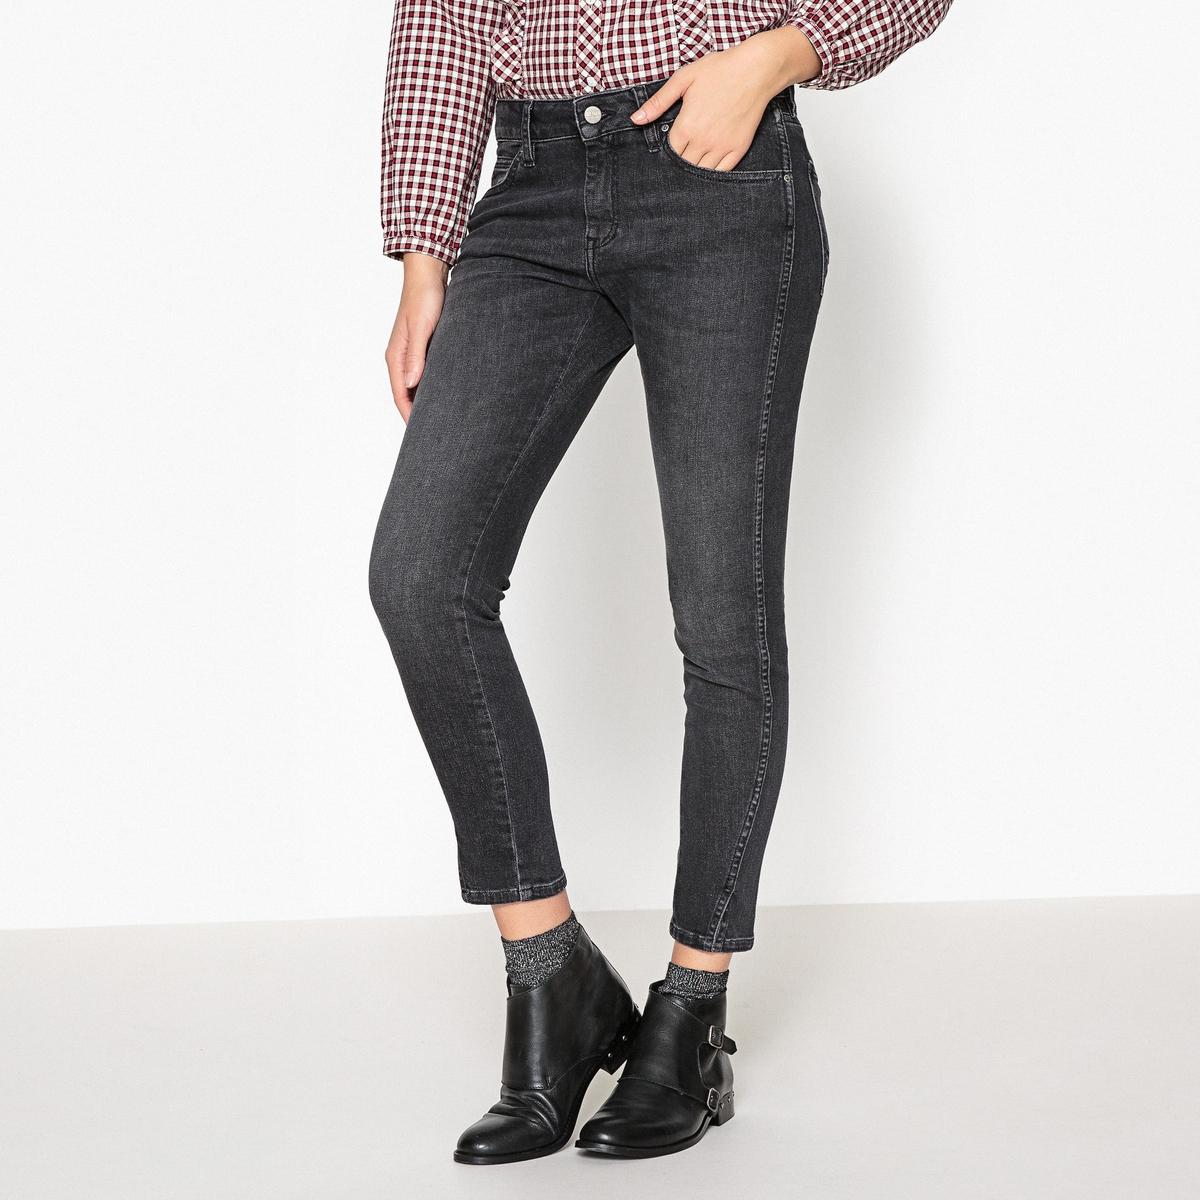 Джинсы-скинни DAYTONA джинсы скинни 5 карманов длина 7 8 д 30